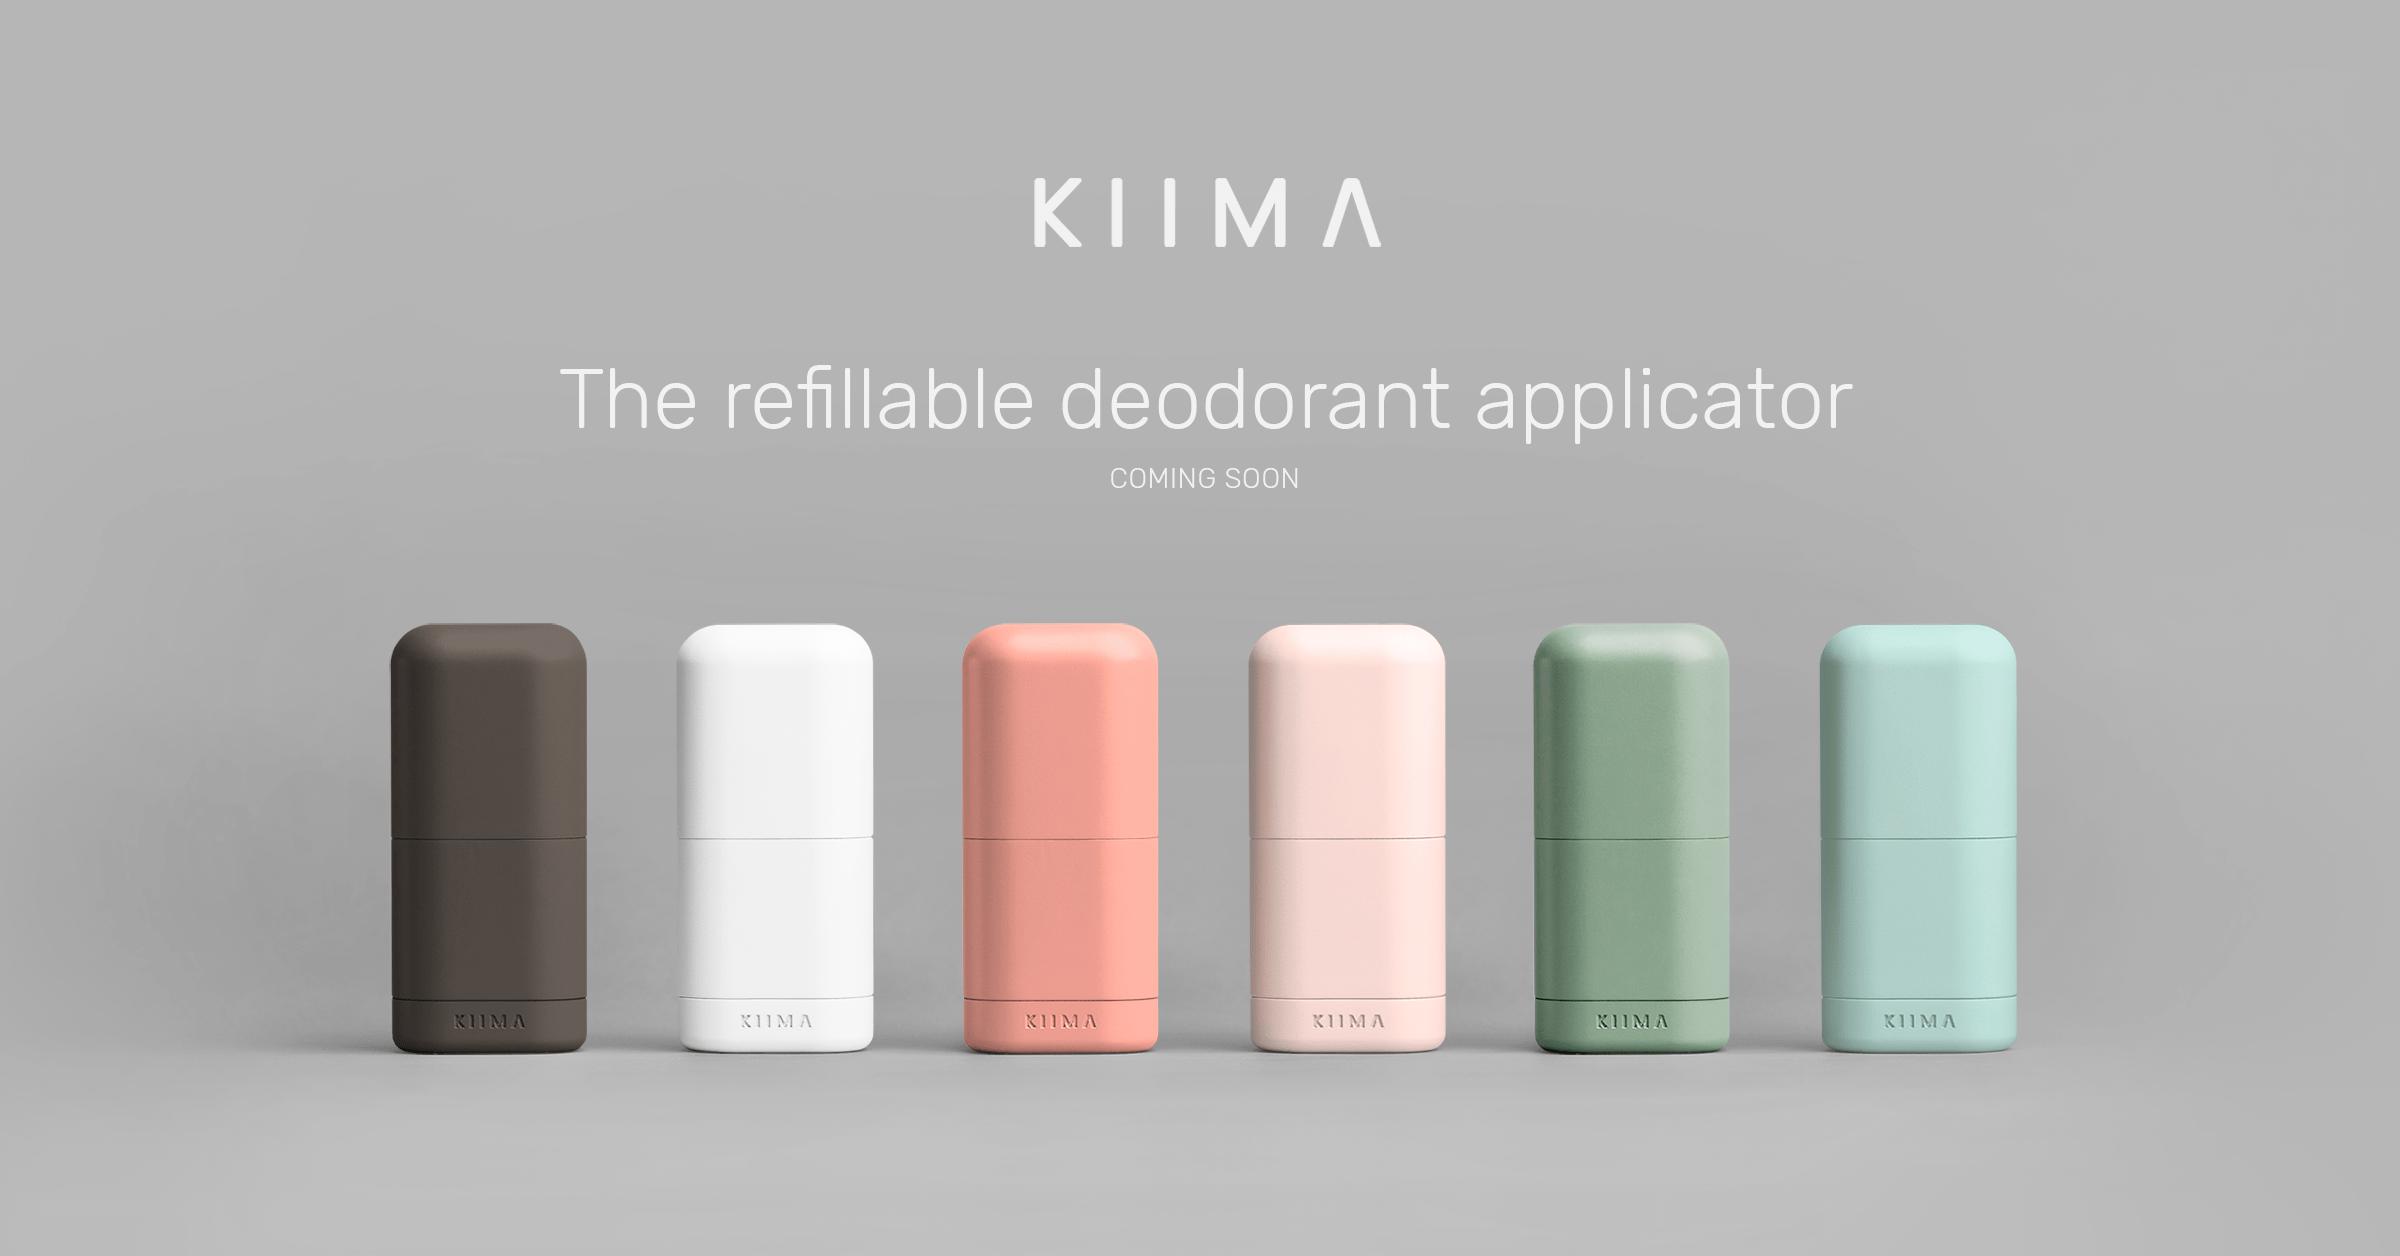 Kiima-deodorant